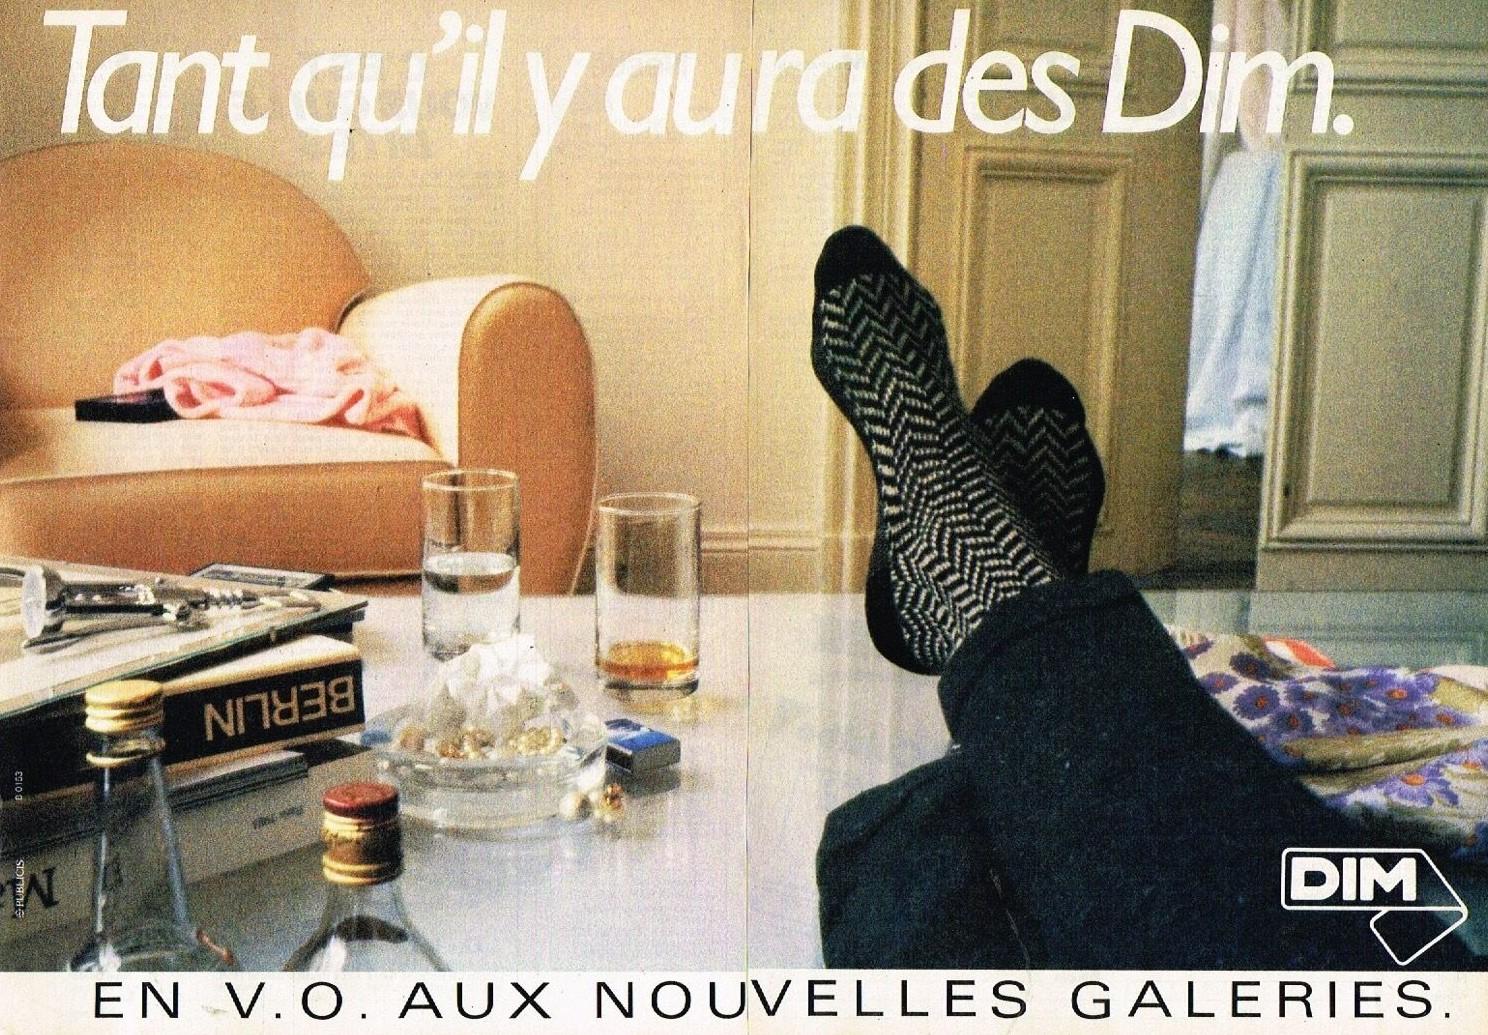 1985 Les Chaussettes DIM A1